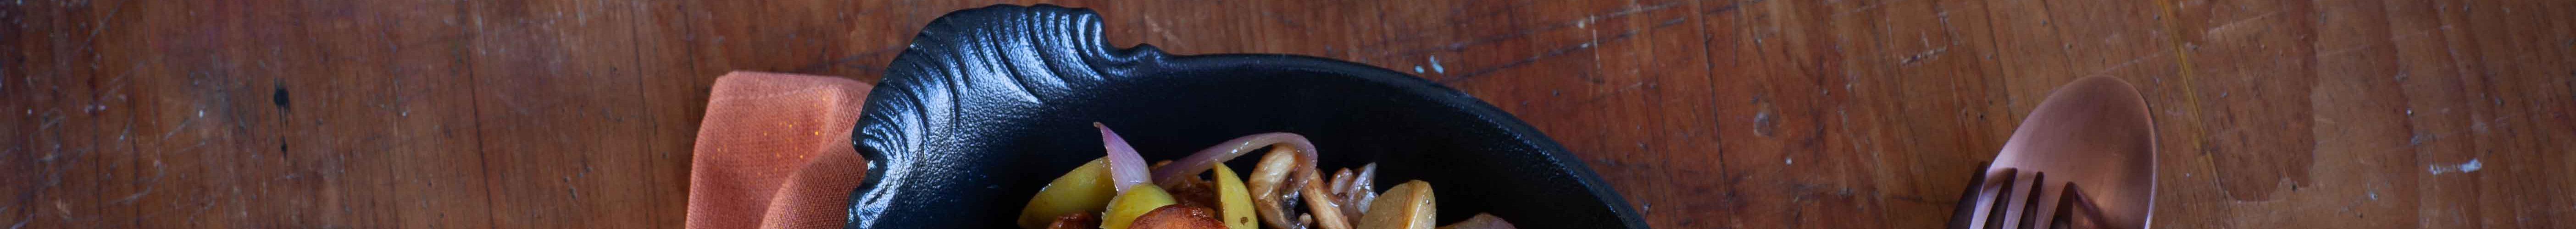 chapingons sautés aux olives manzanilla d'Espagne